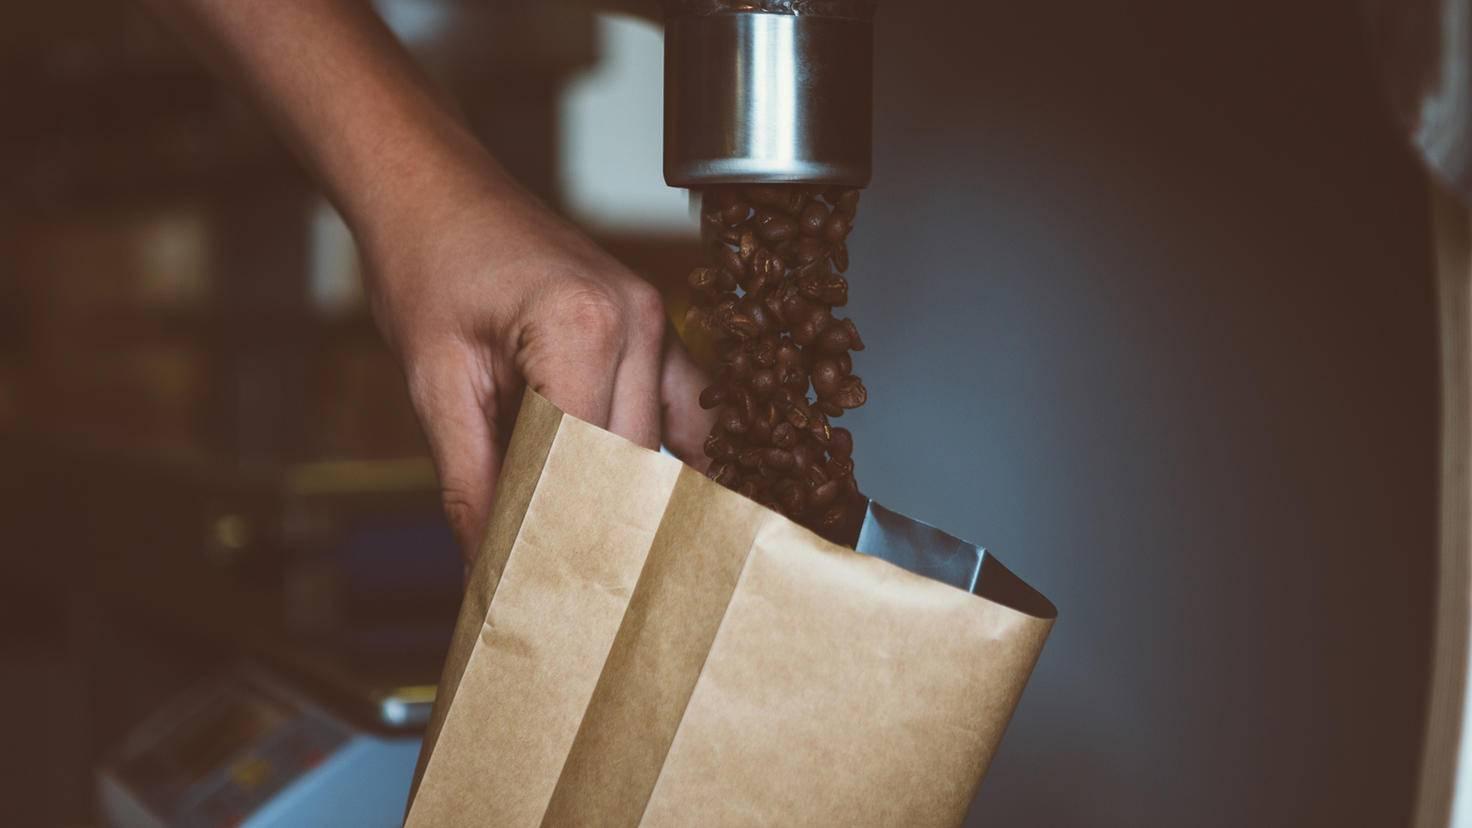 Frisch nach der Röstung geben Kaffeebohnen Kohlendioxid ab.